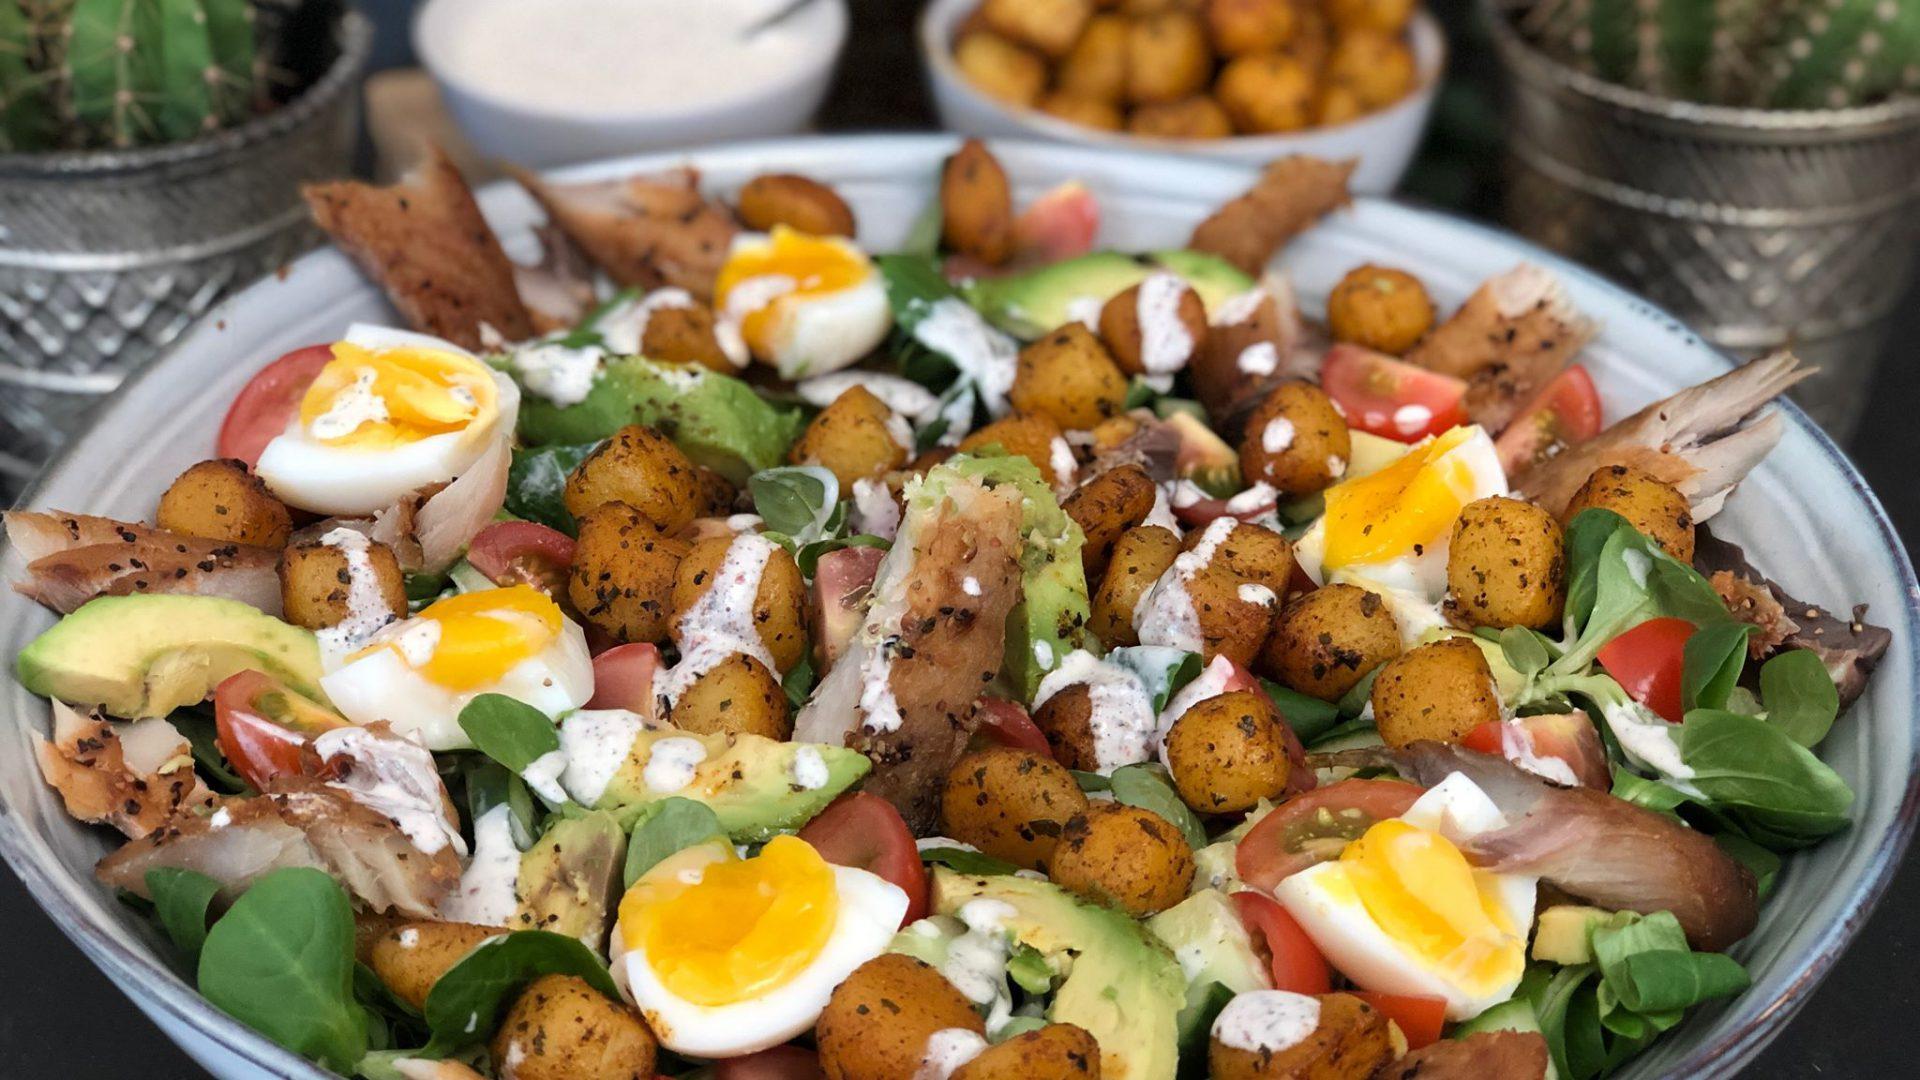 salade met makreel en krieltjes